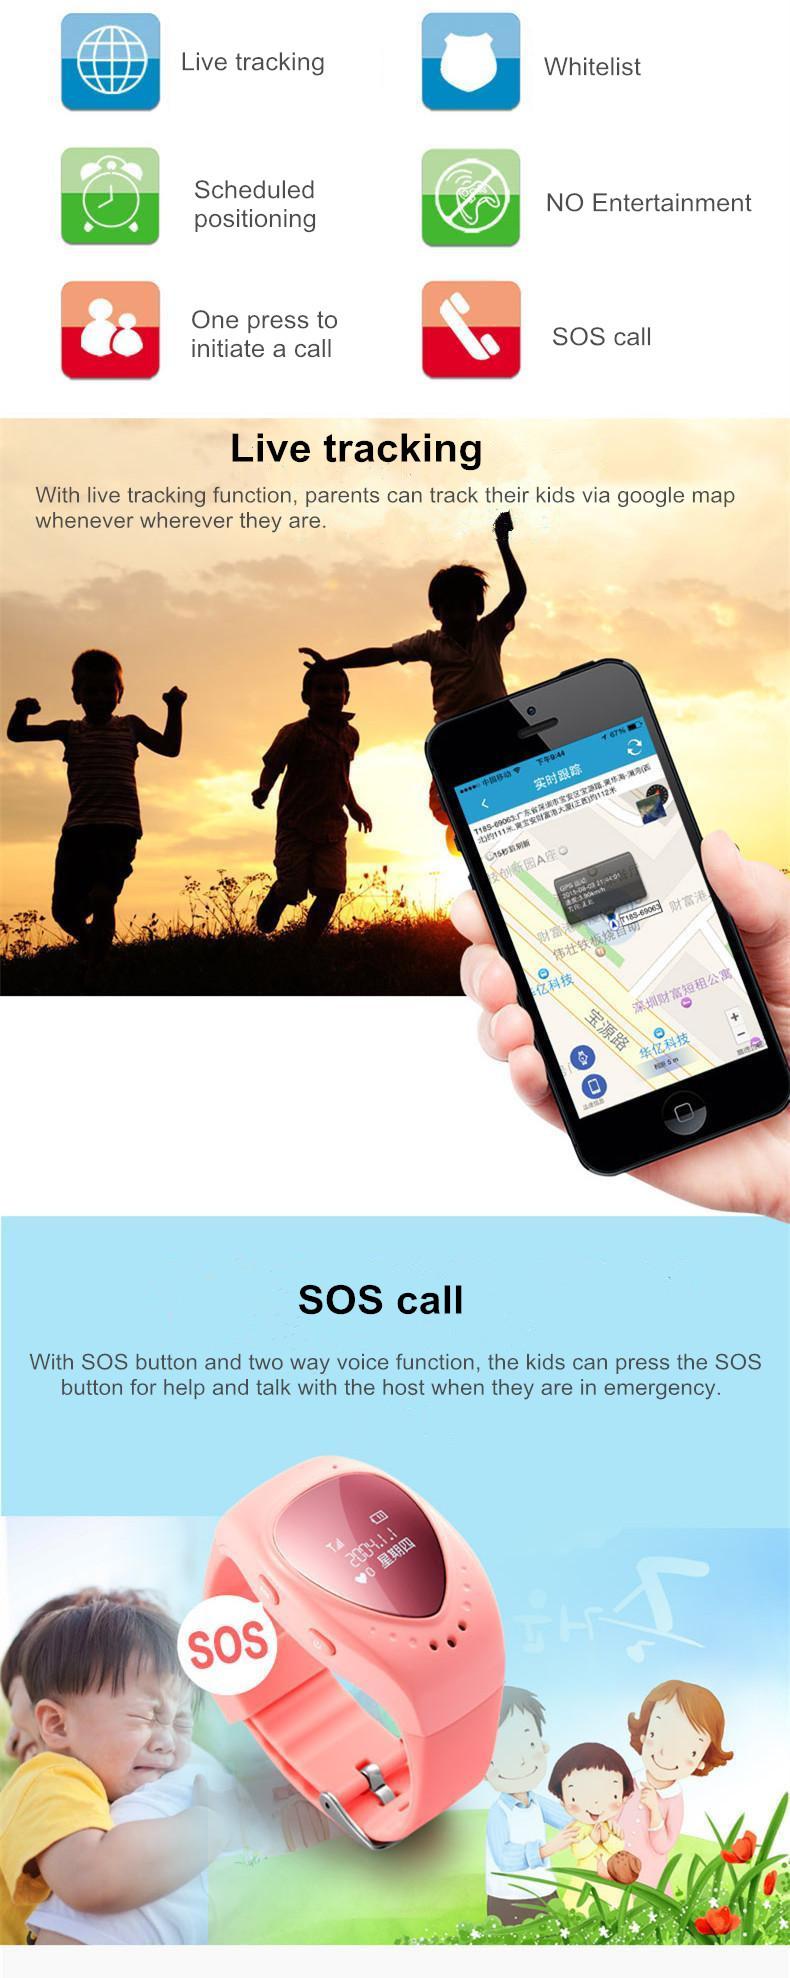 ถูก กันน้ำมินิจีพีเอสนาฬิกาเด็กGo GPSนาฬิกาเด็กgpsติดตามSOSฉุกเฉินป้องกันการสูญหายสมาร์ทโทรศัพท์มือถือA Ppสร้อยข้อมือสายรัดข้อมือ